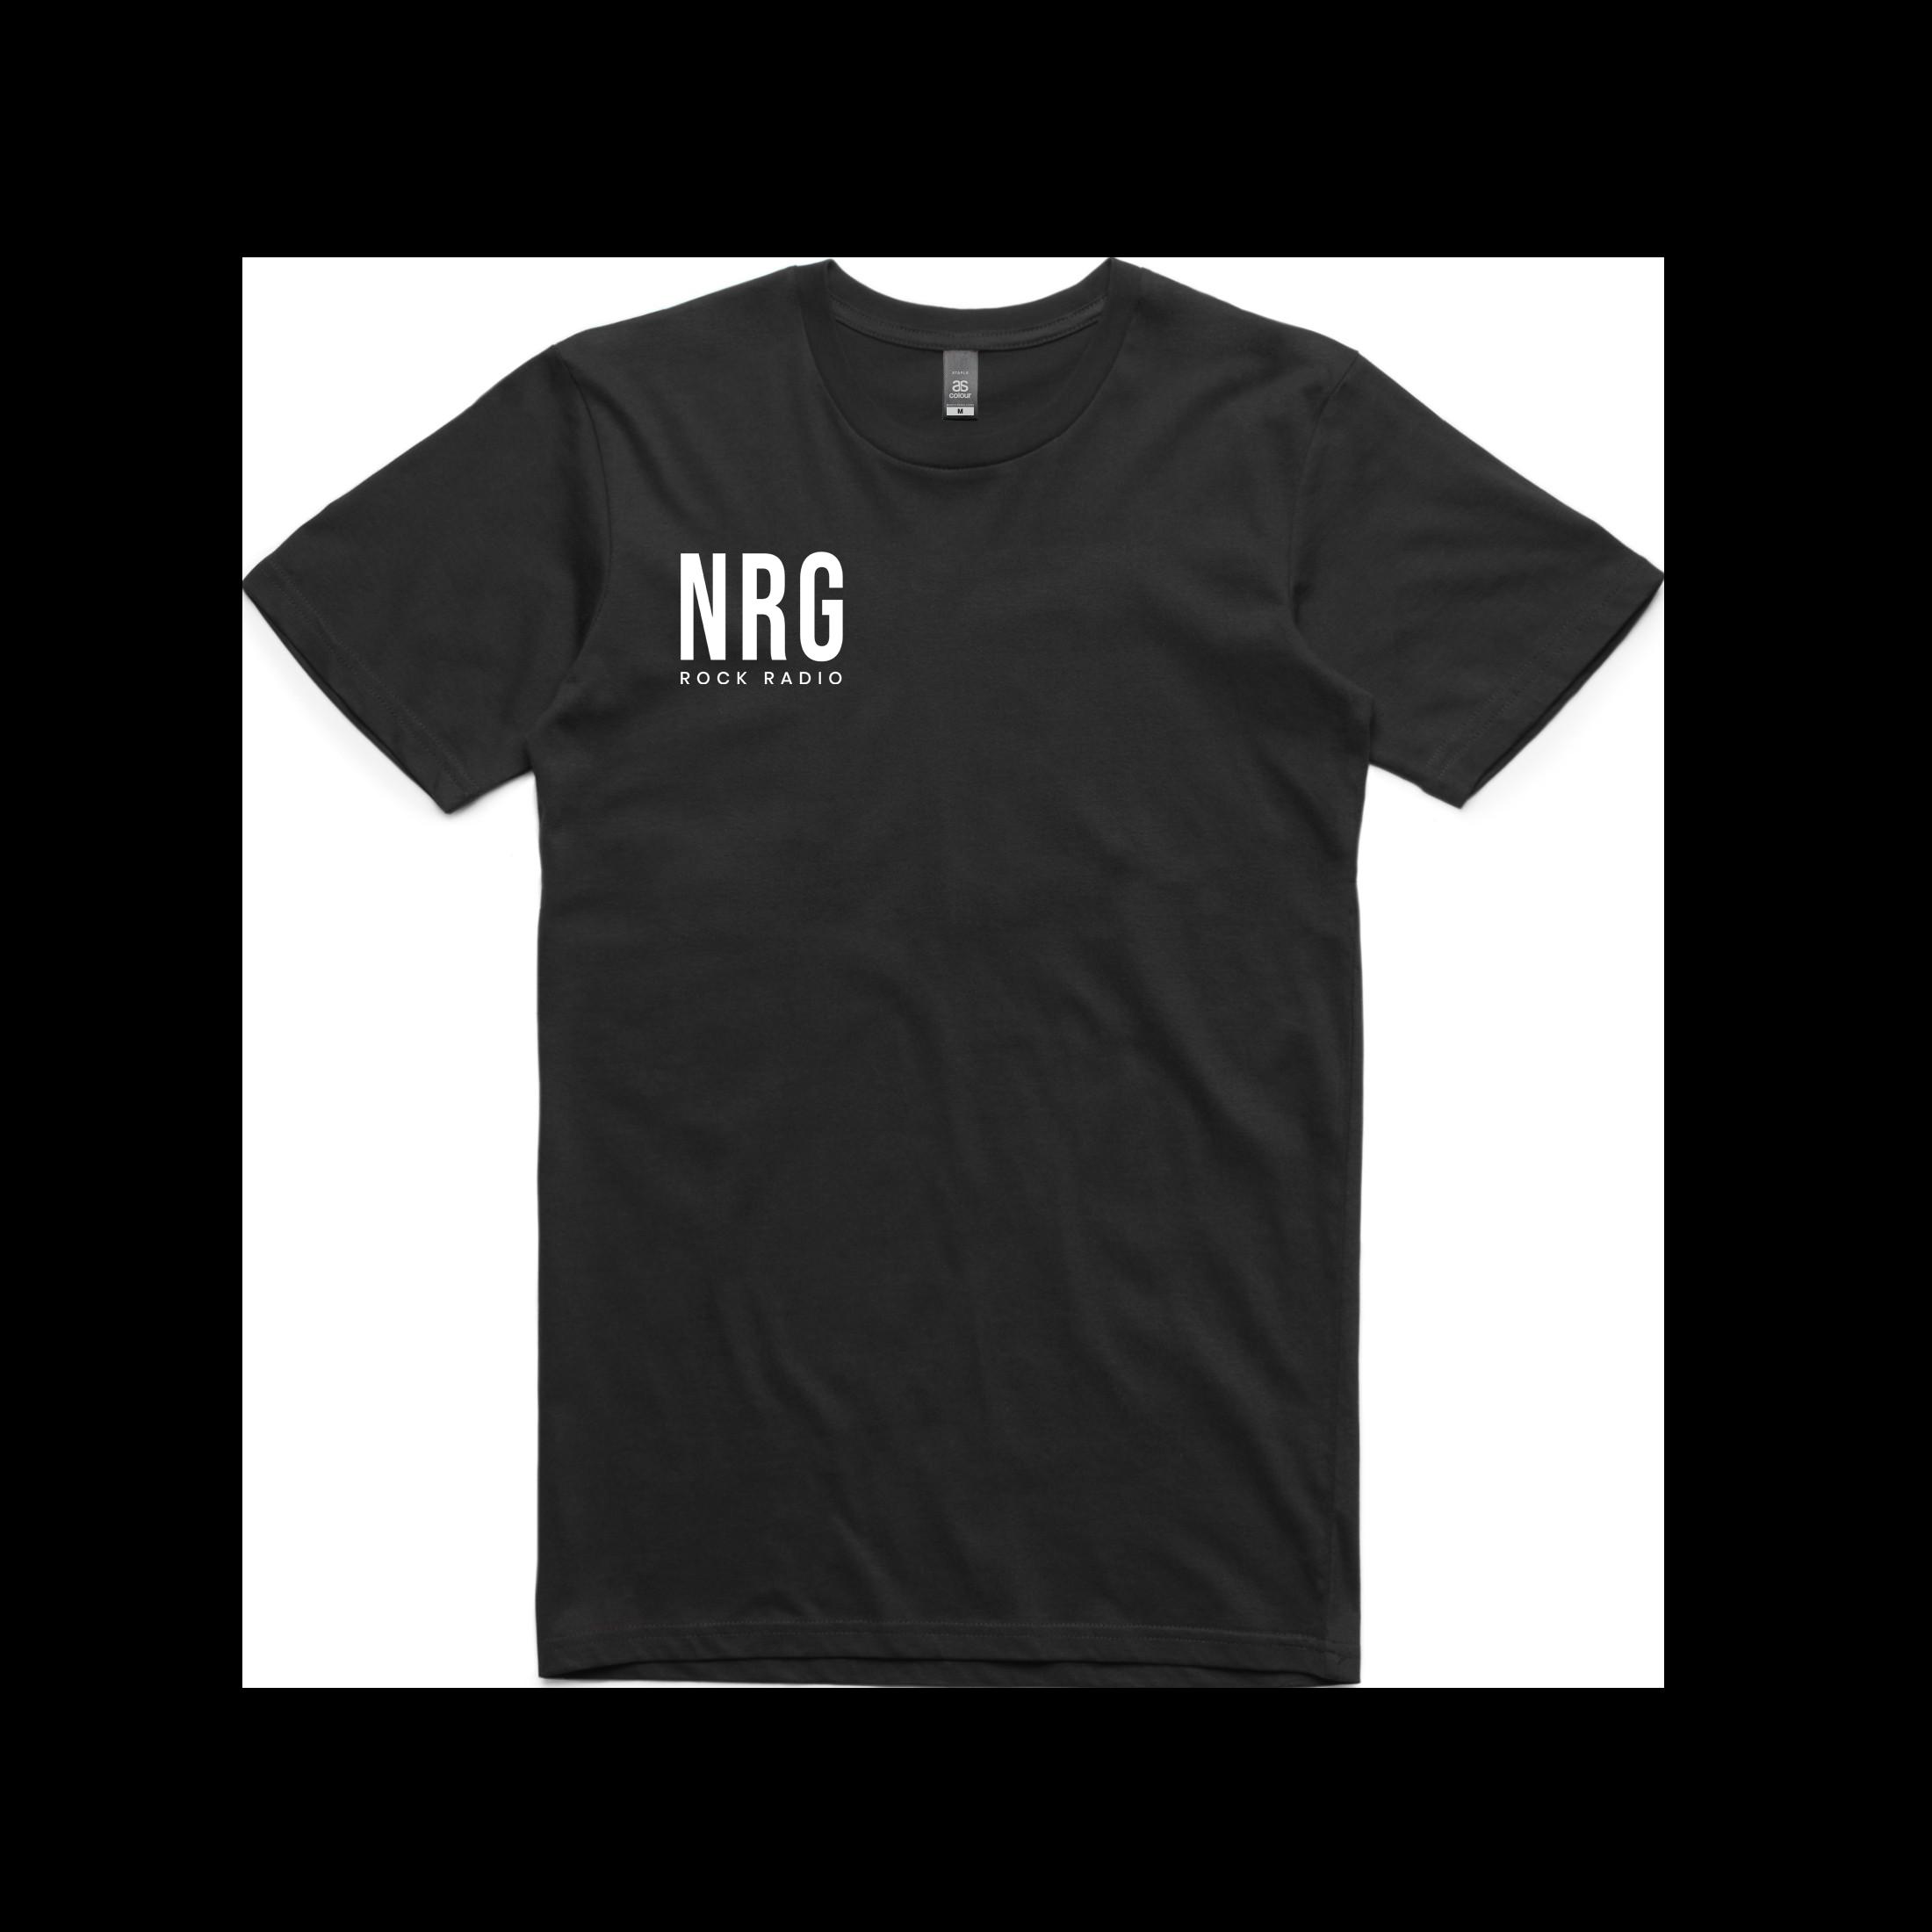 NRG Rock Radio Font - Logo Tee